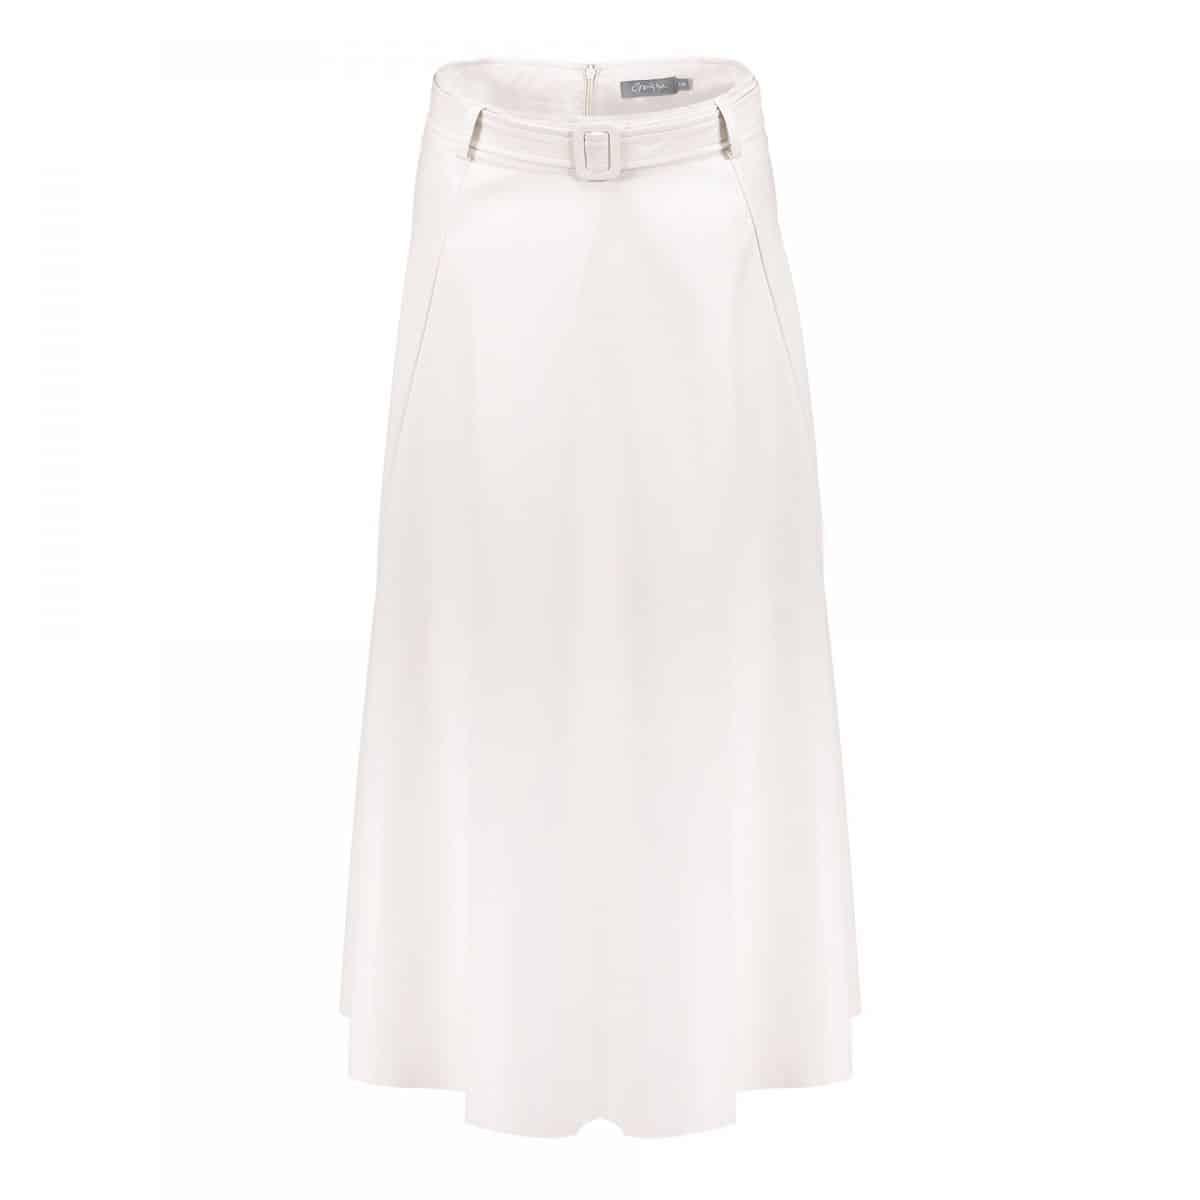 Geisha Skirt PU With Strap At Waist Beige